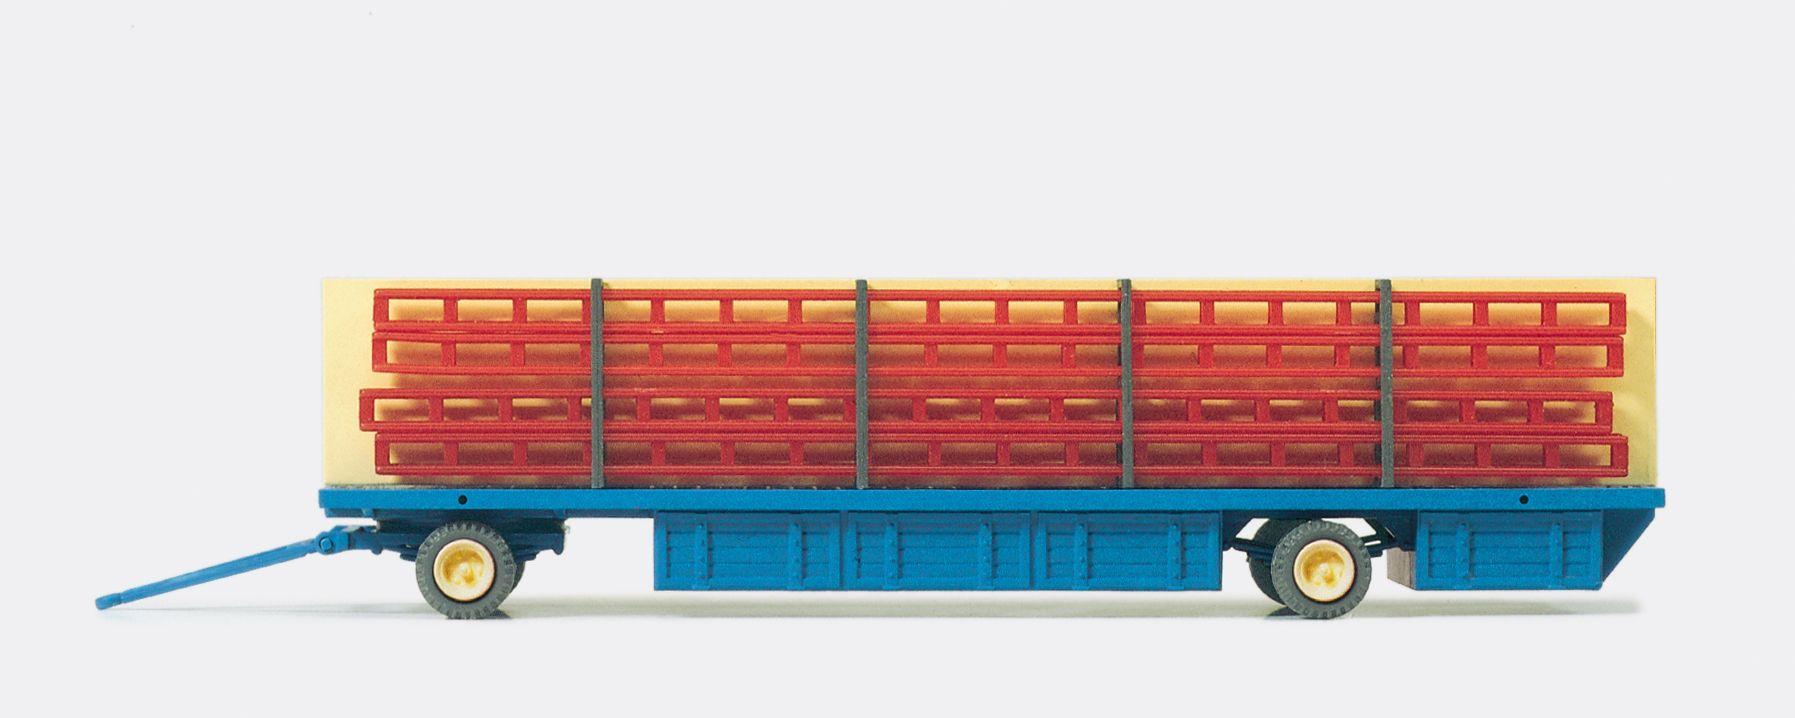 1:87 Zirkus Krone Masttransportwagen, Fertigmodell - Preiser 21024  | günstig bestellen bei Modelleisenbahn Center  MCS Vertriebs GmbH